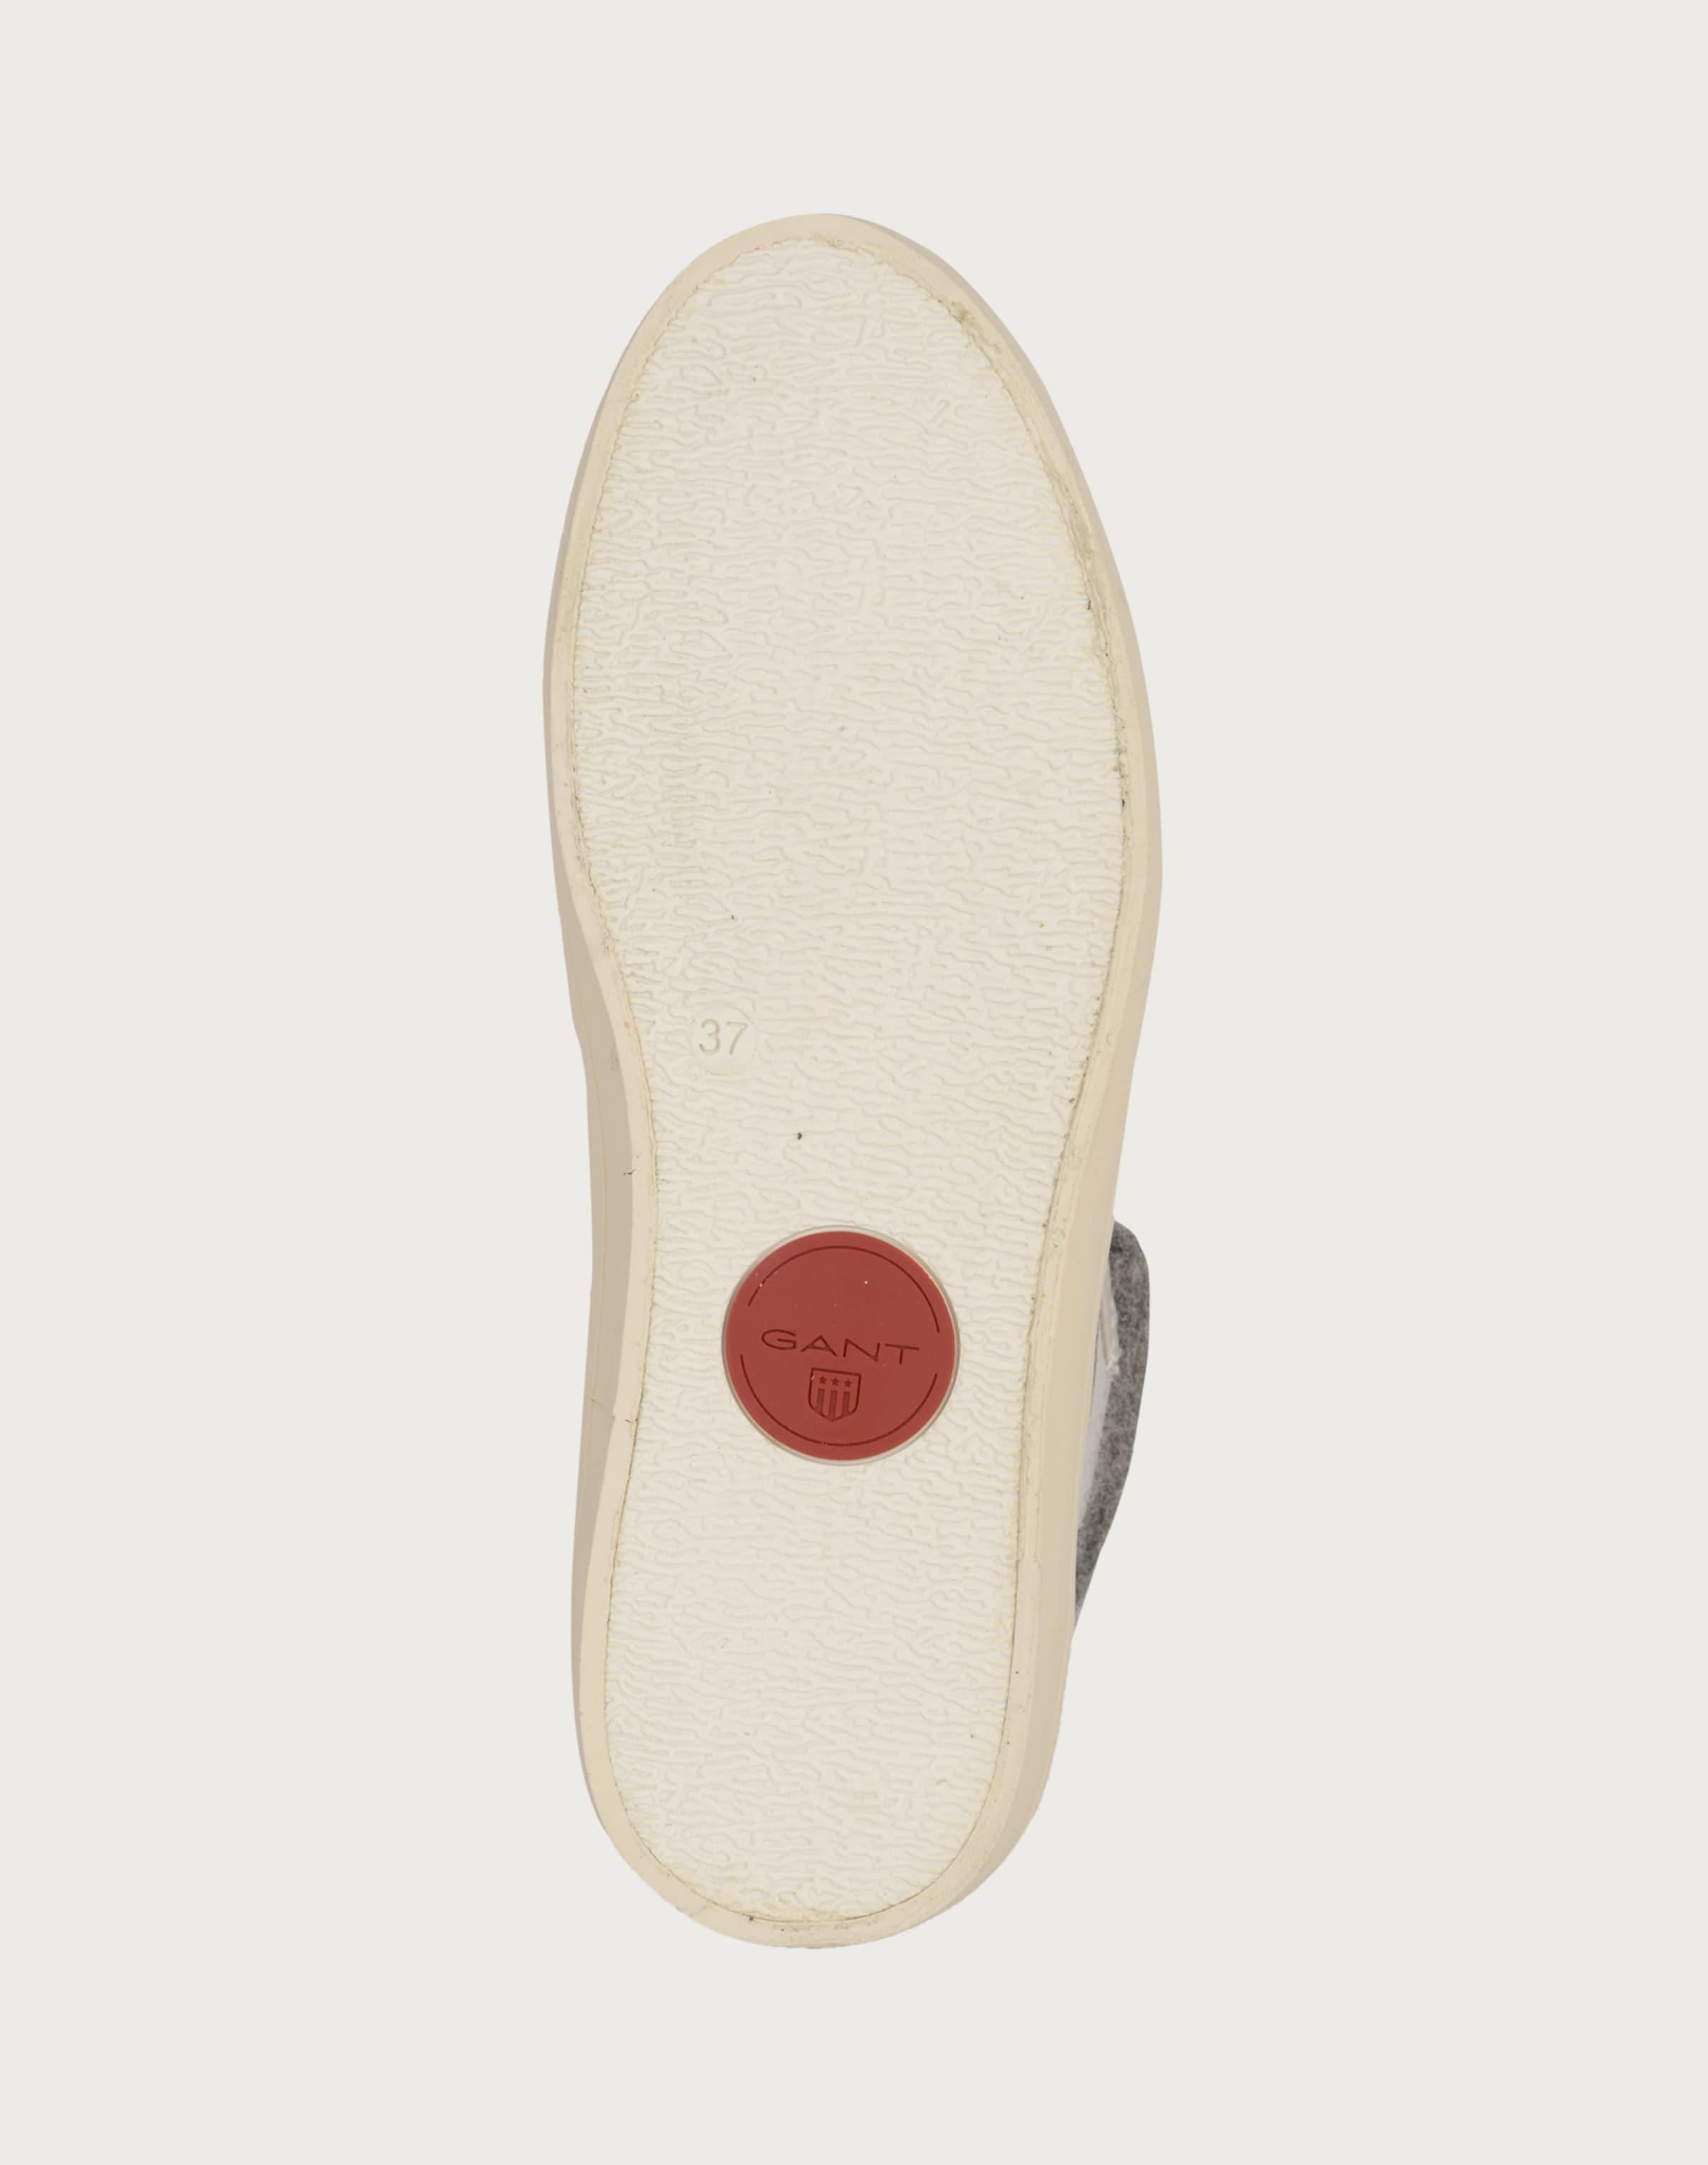 GANT Sneaker 'Mary' Aaa Qualität Speichern Günstigen Preis Ausverkauf sx86SRSliW